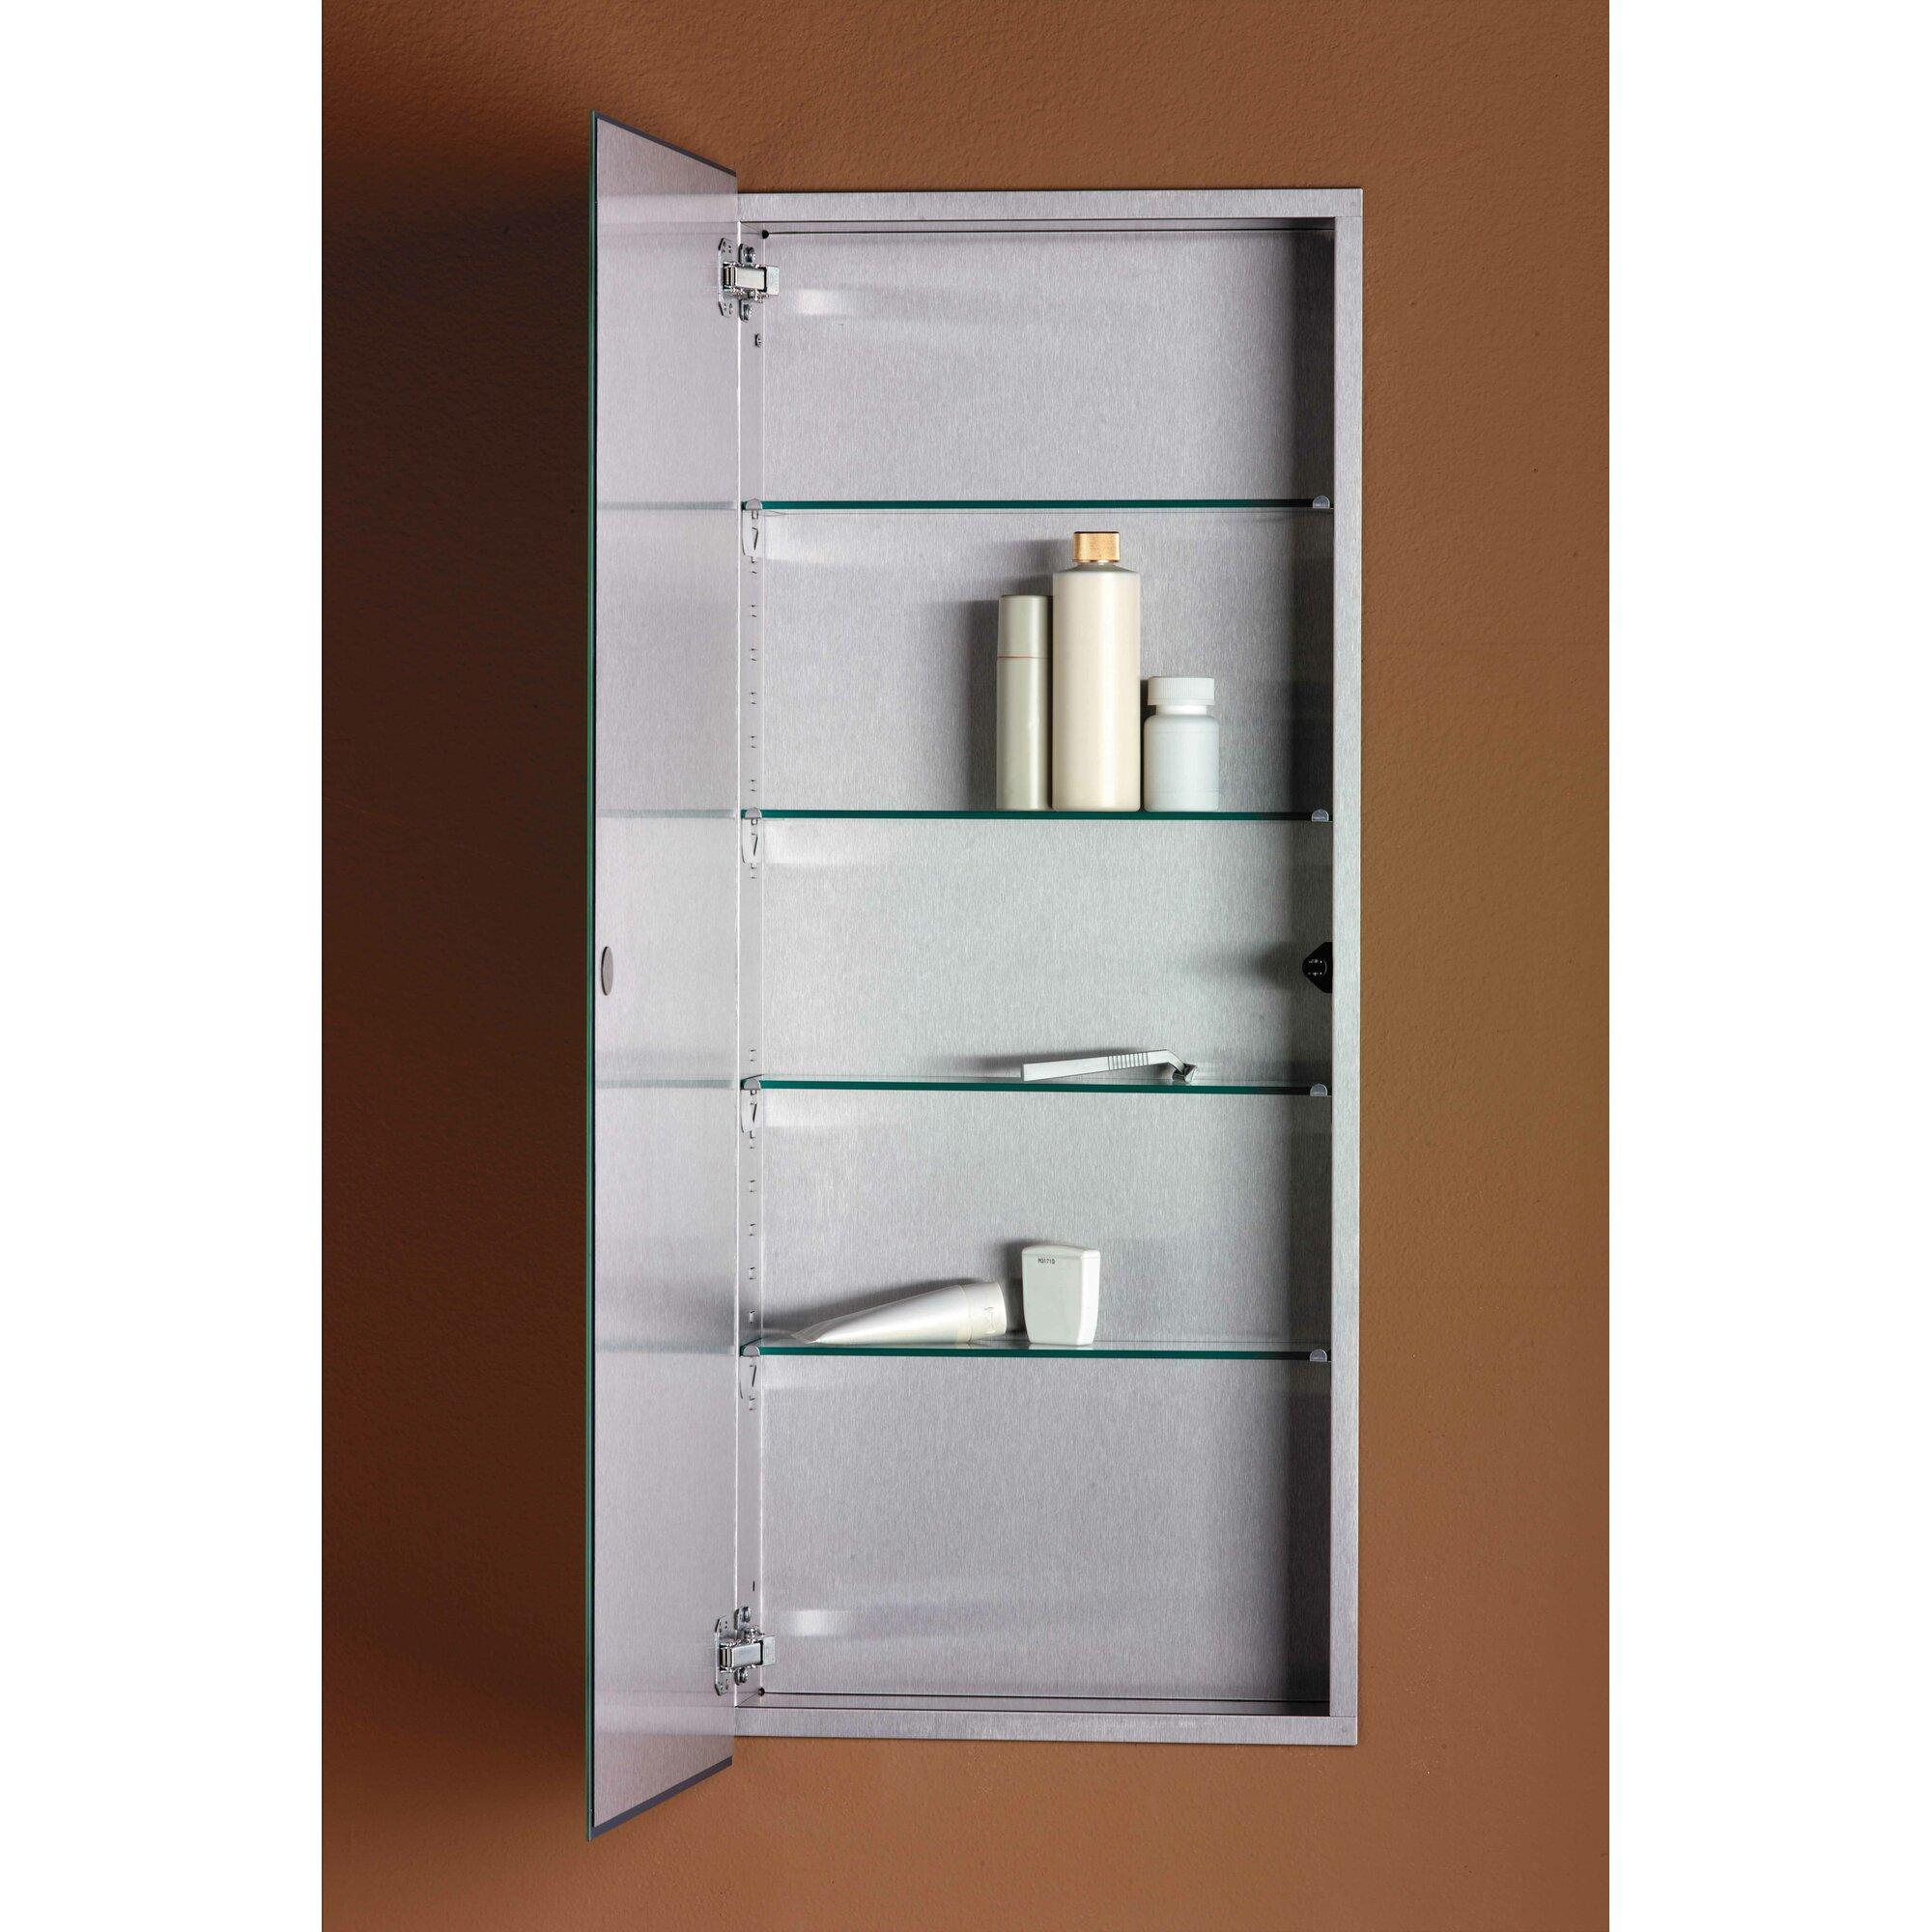 Bathroom medicine cabinets recessed - 15 X 36 Recessed Medicine Cabinet